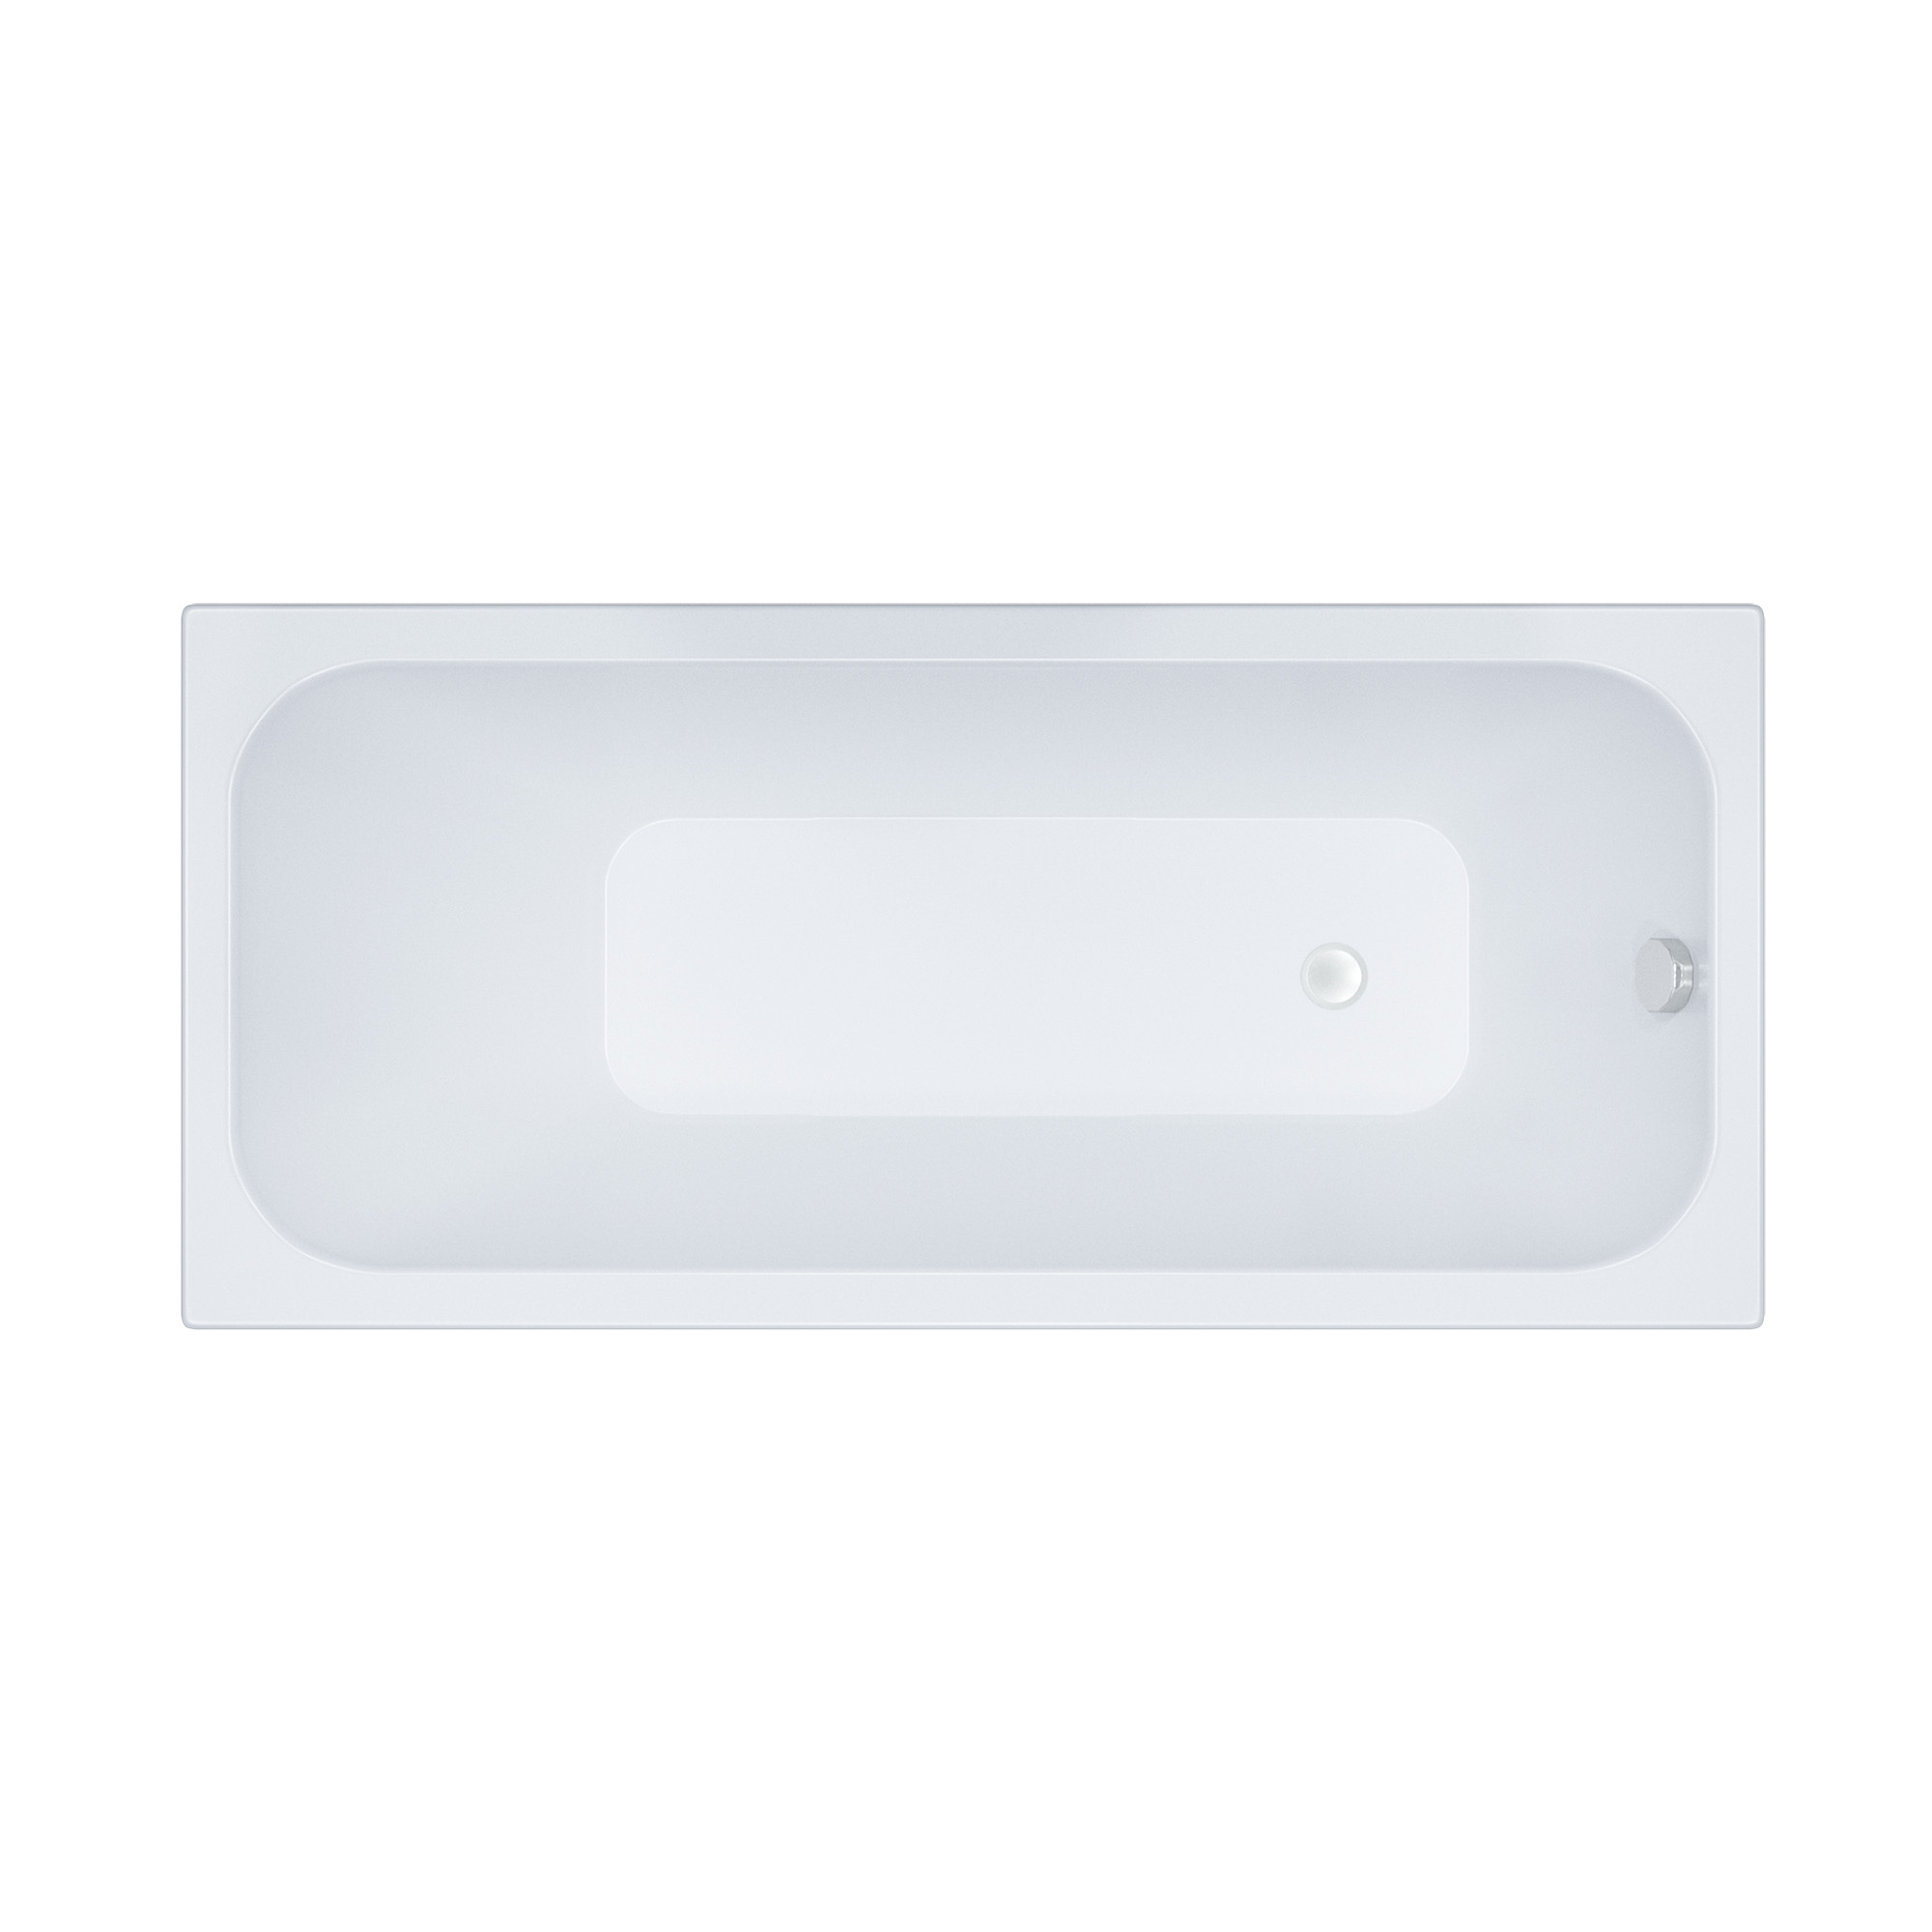 Акриловая ванна Тритон Ультра 140 слив перелив alcaplast для ванны под бронзу a55 antic